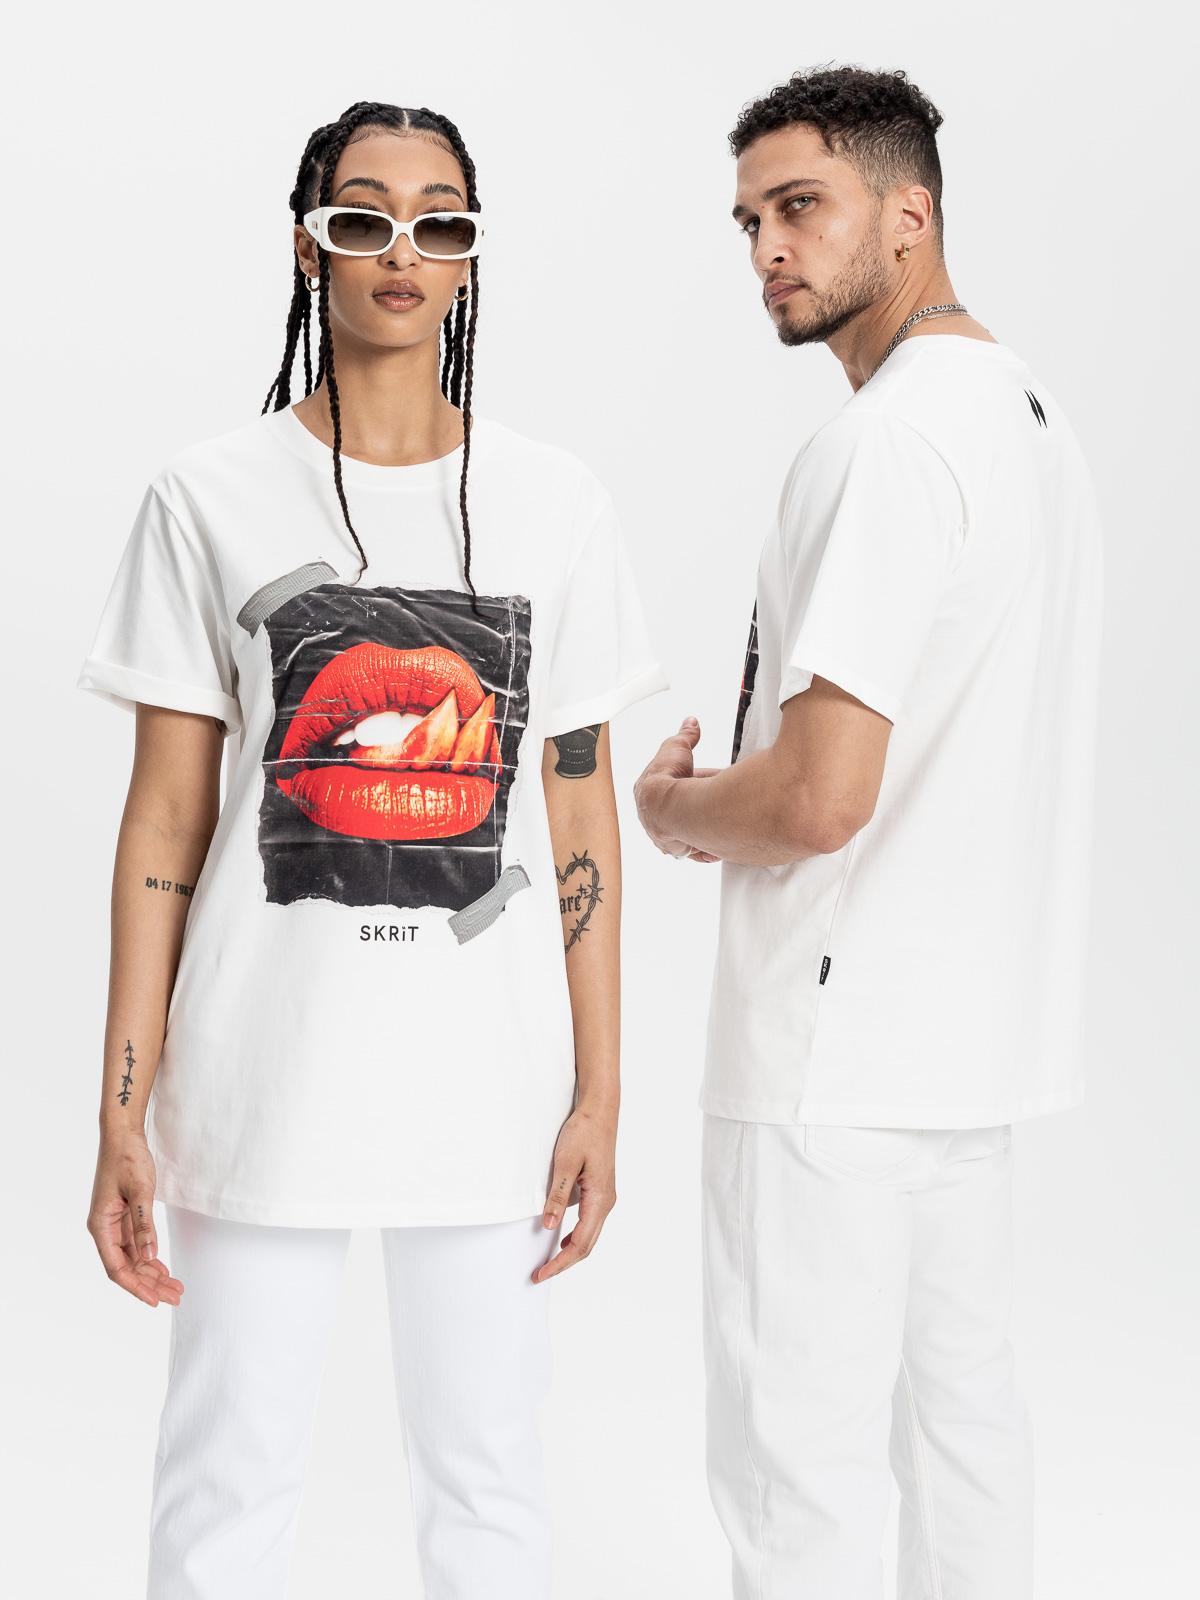 SKRIT-luxury-streetwear